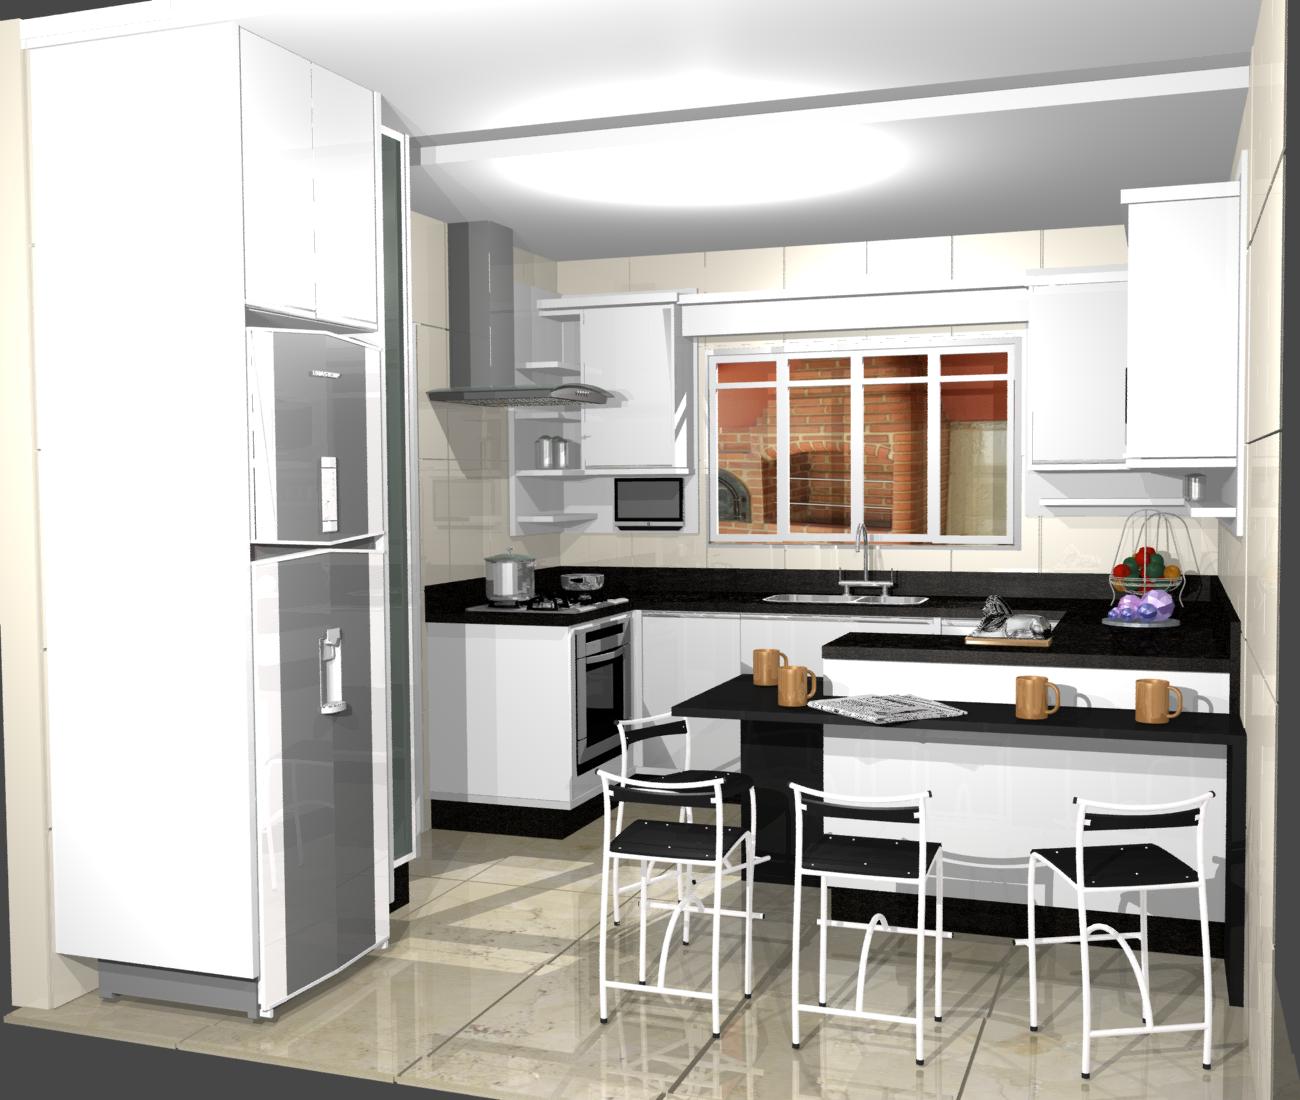 cozinhas pias para cozinhas revestimento para cozinhas cozinhas #70412B 1300 1100